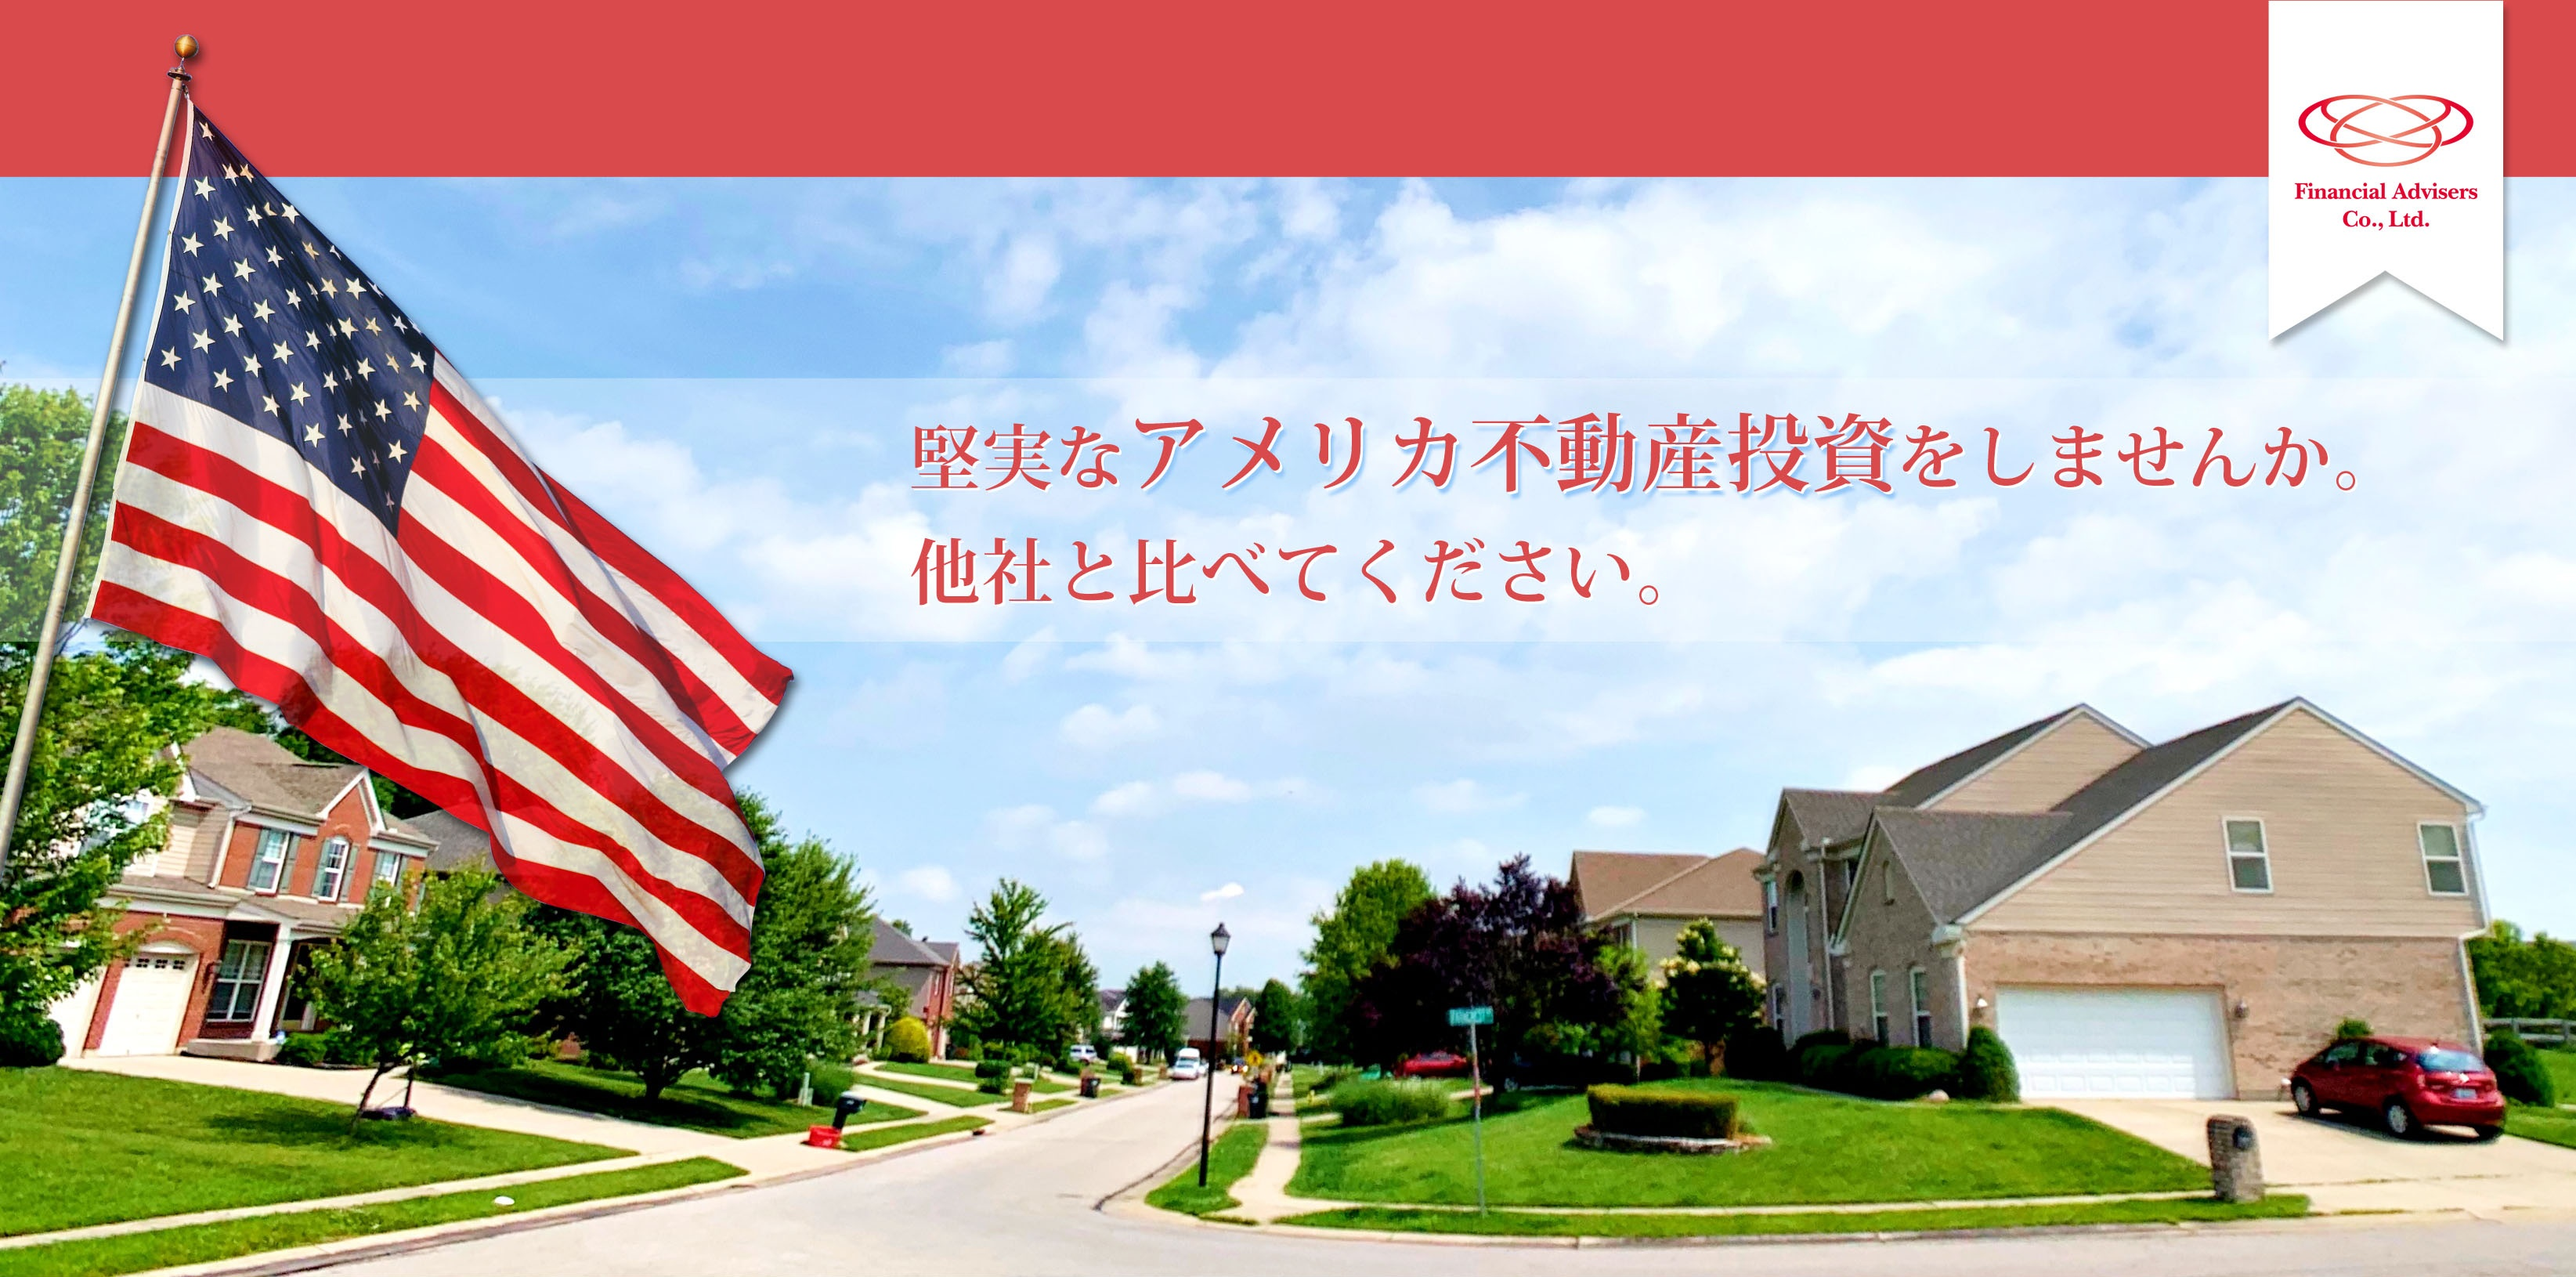 堅実なアメリカ不動産投資をしませんか。